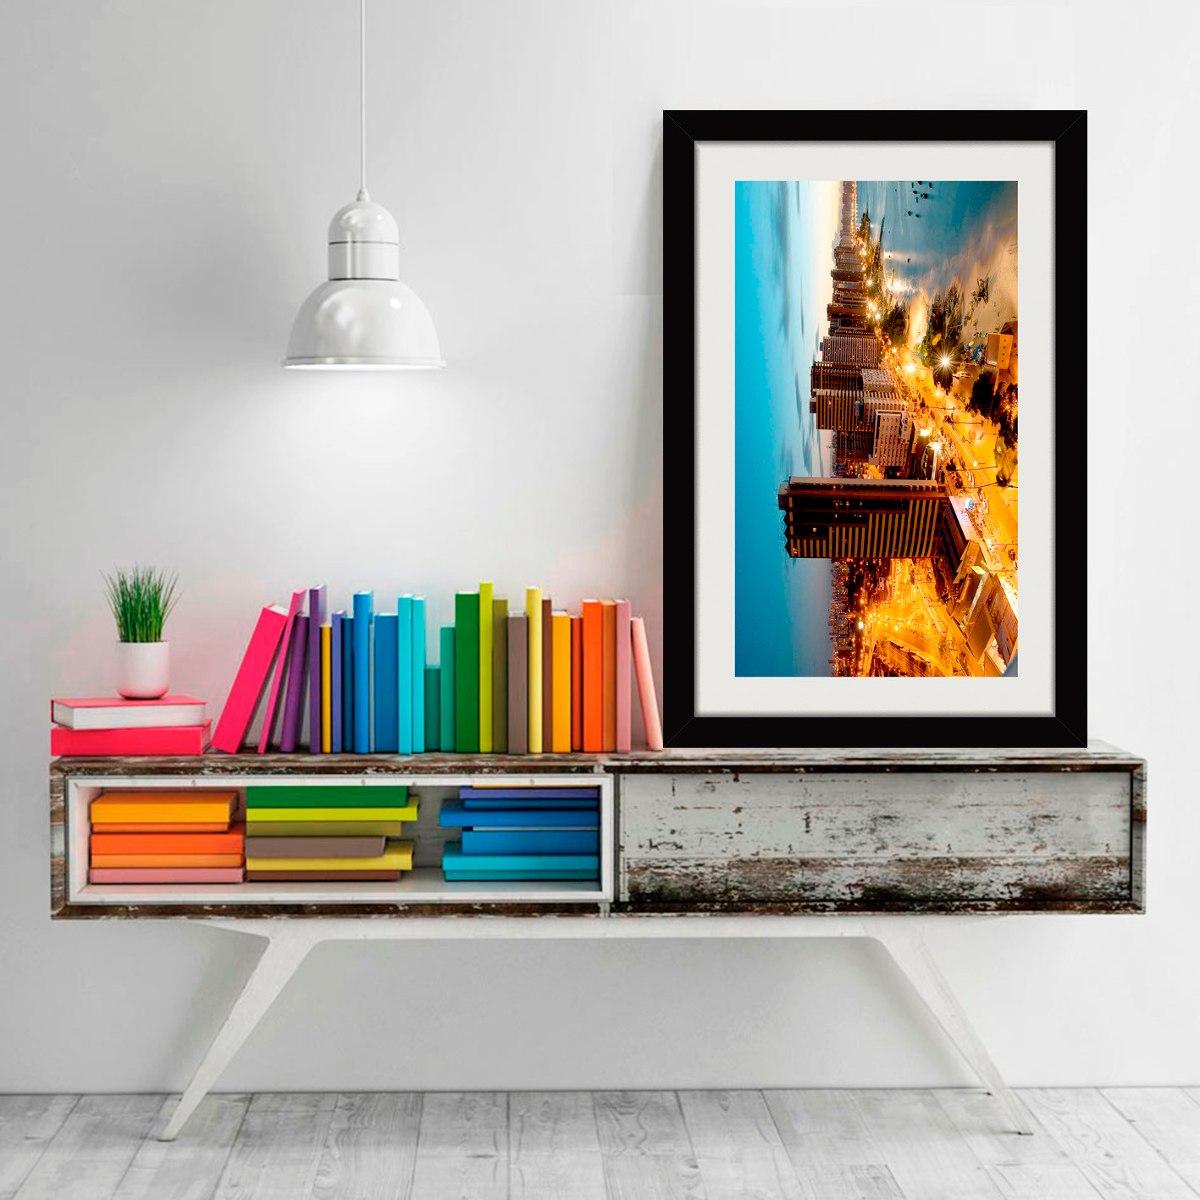 Quadro Fortaleza Ceara 68x48cm Cidades Arte Decoracao Sala R 225  -> Decoracao Sala De Artes